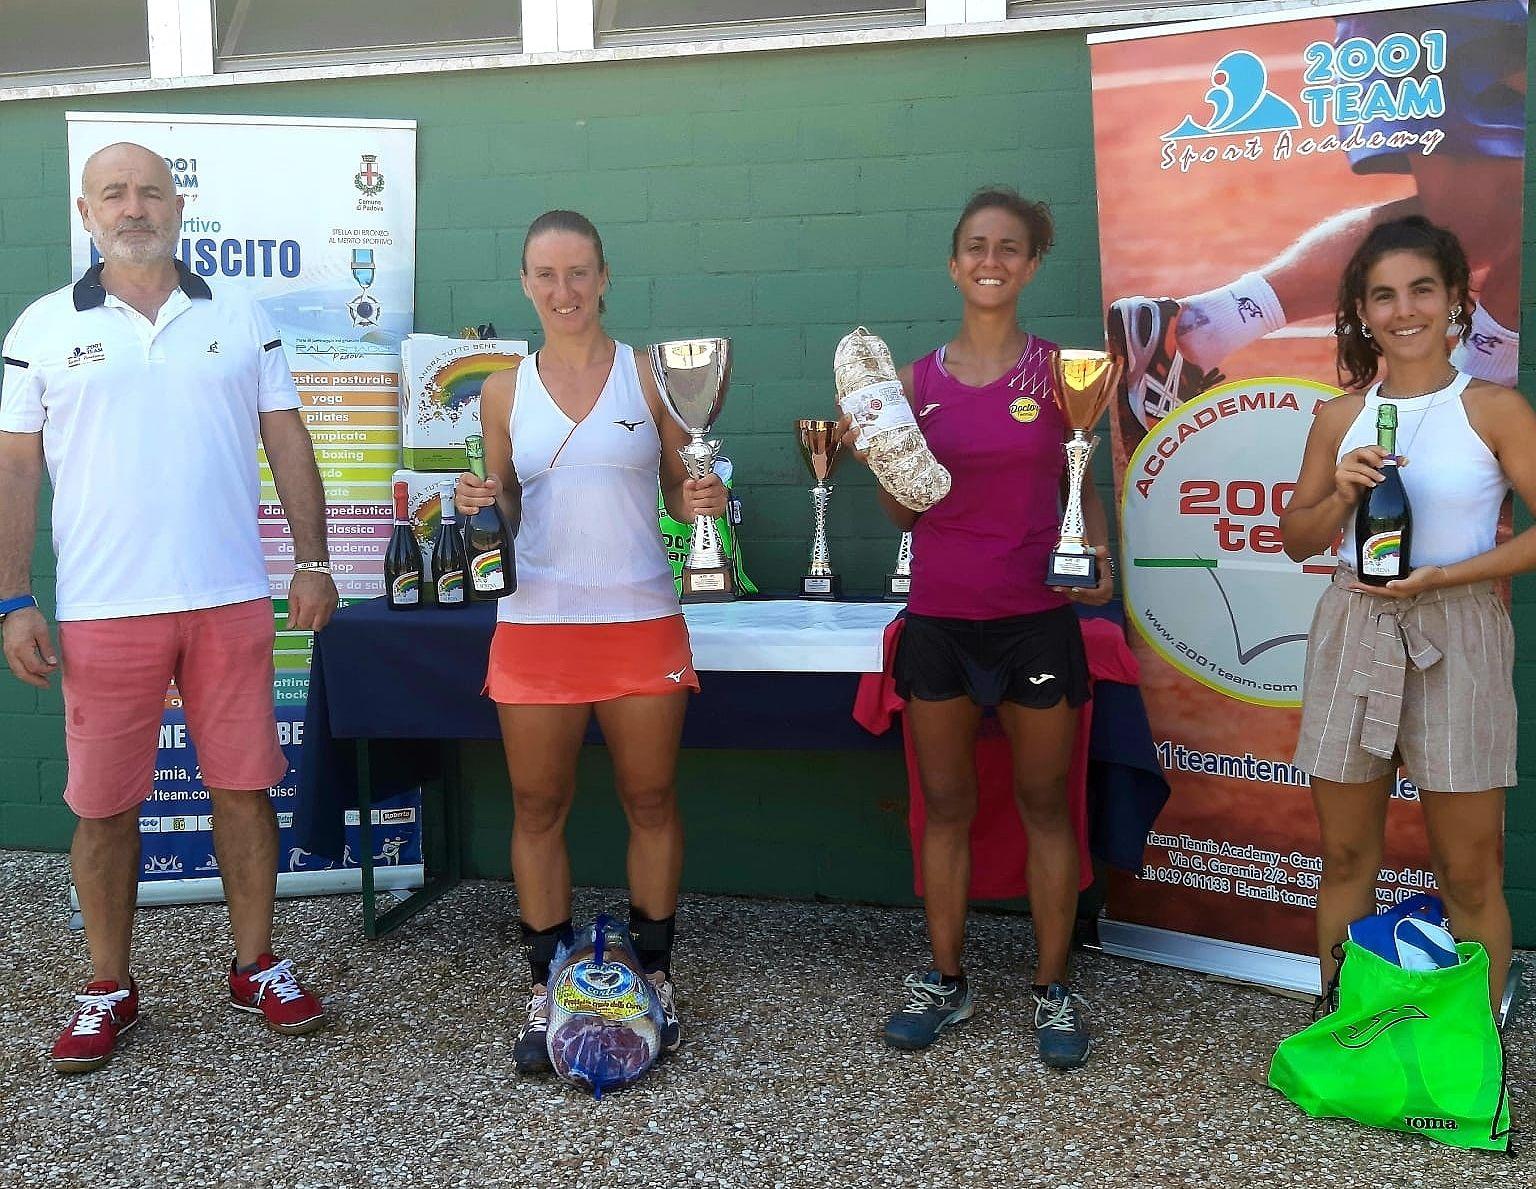 La vincitrice del torneo femminile con la finalista e gli organizzatori